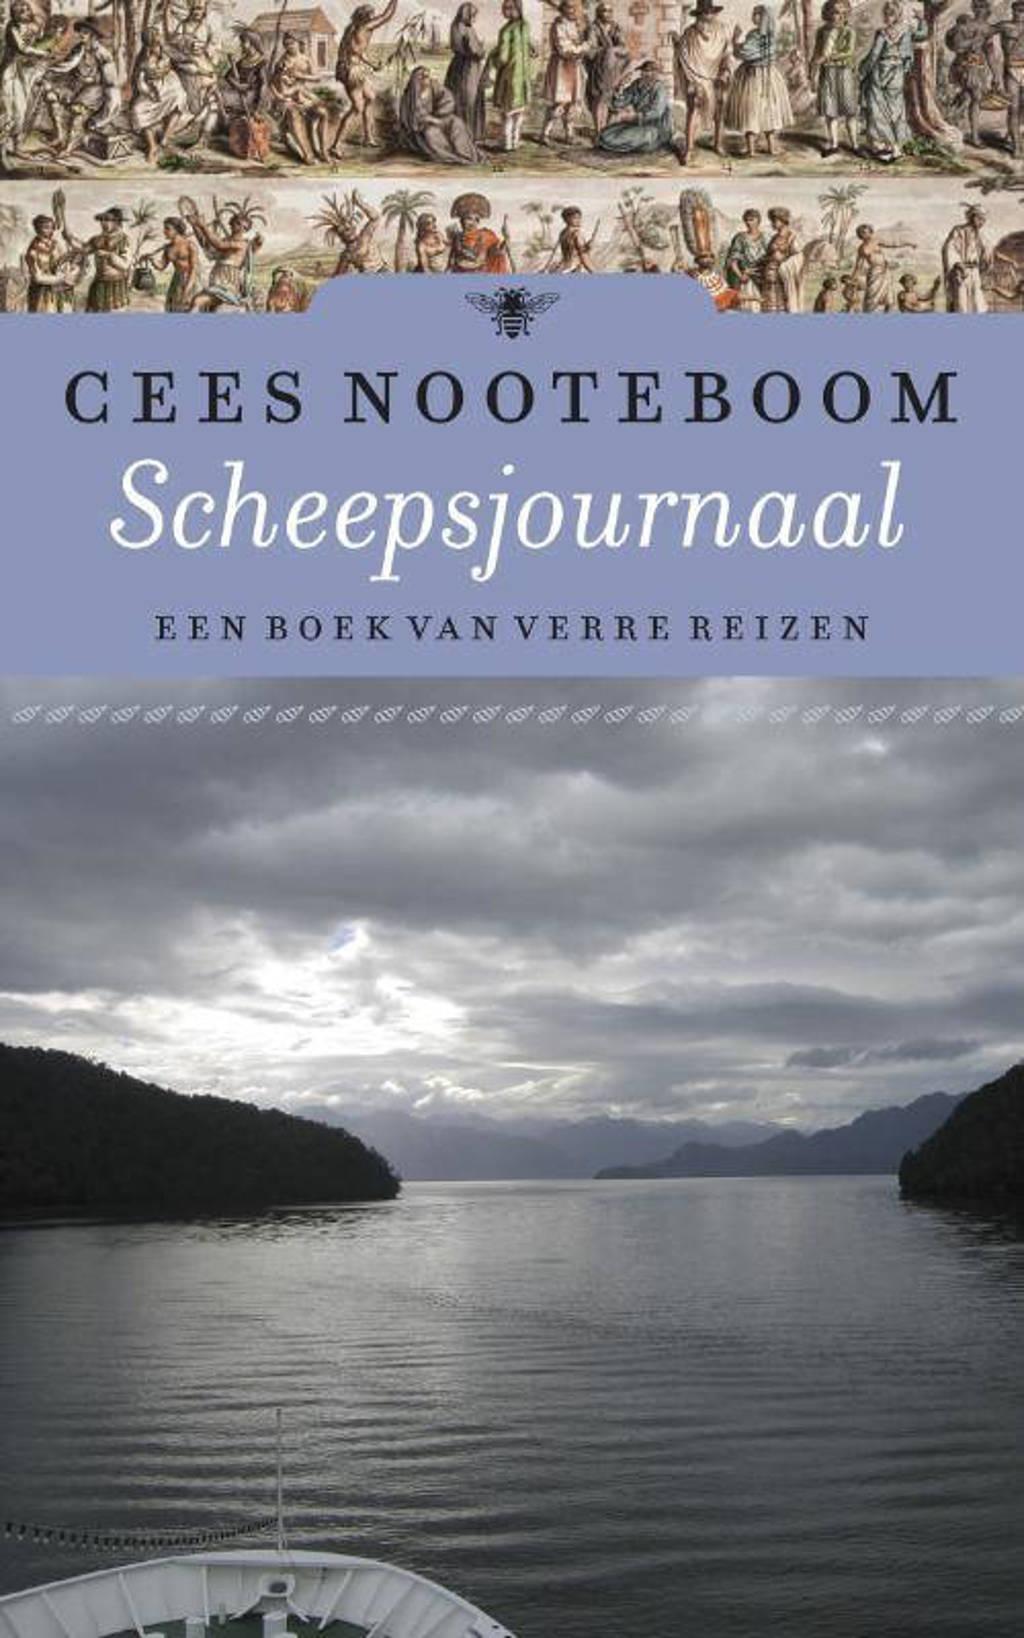 Scheepsjournaal - Cees Nooteboom